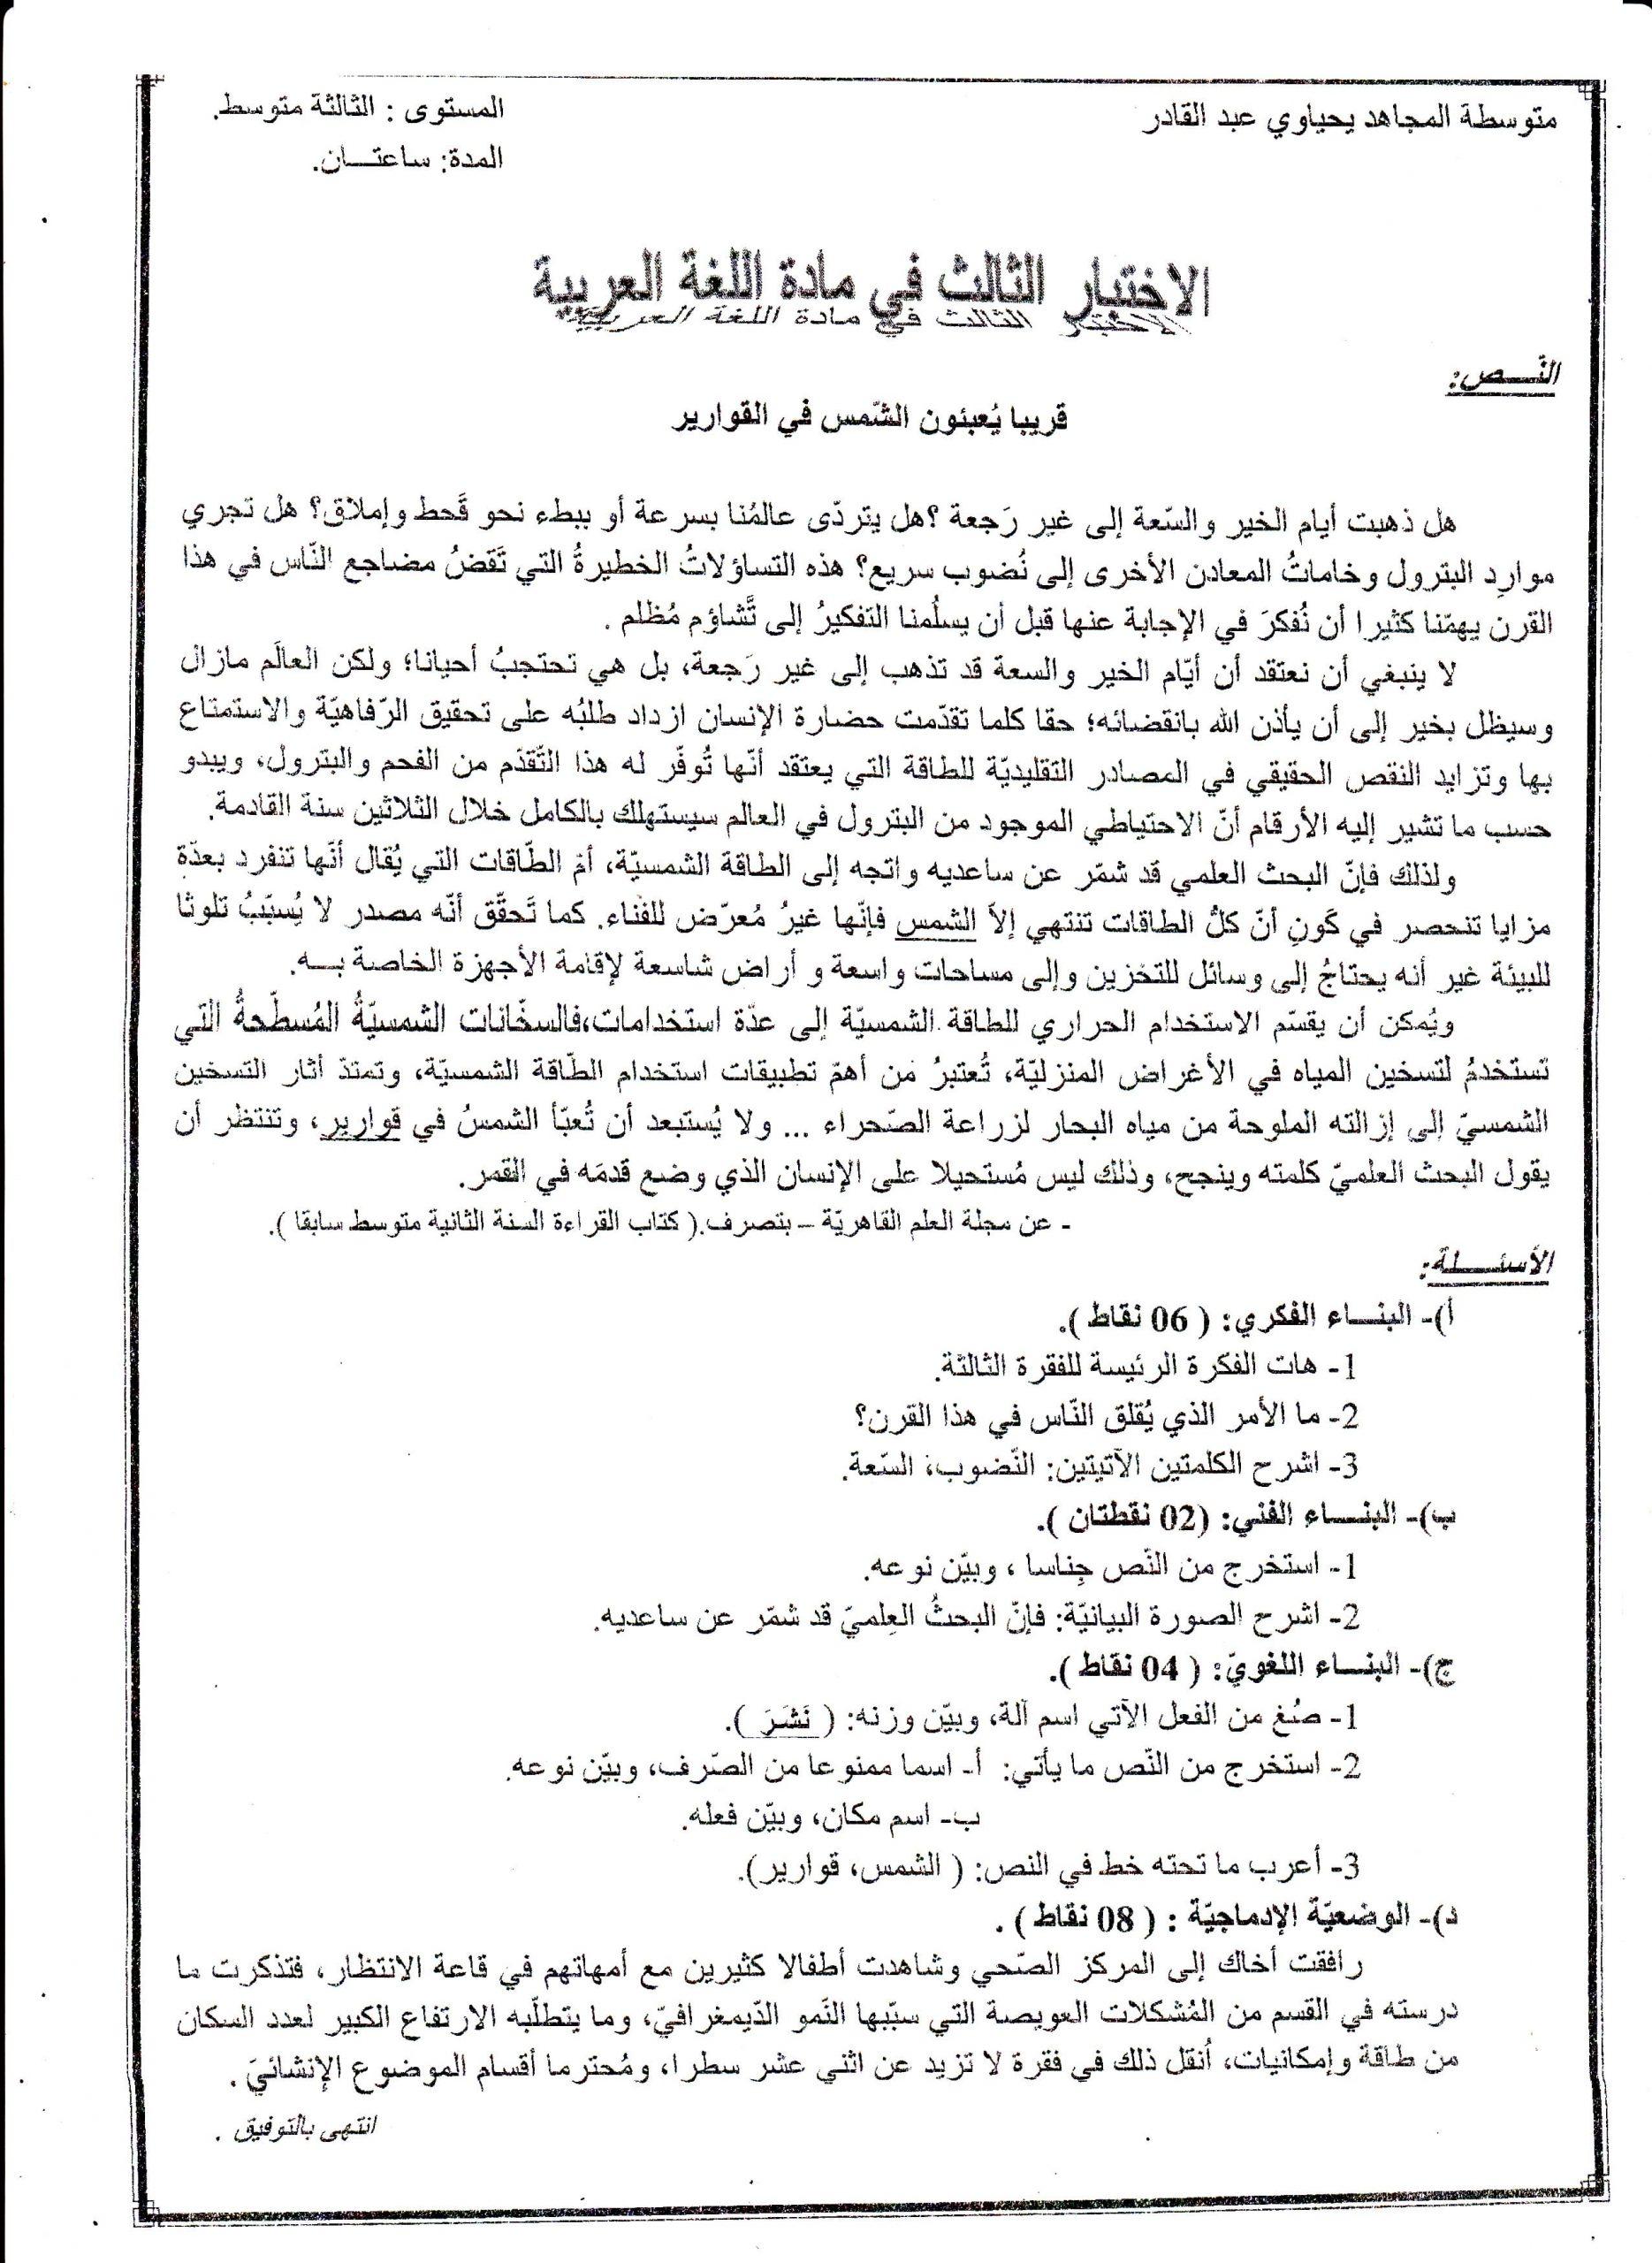 اختبار الفصل الثالث في اللغة العربية السنة الثالثة متوسط   الموضوع 03